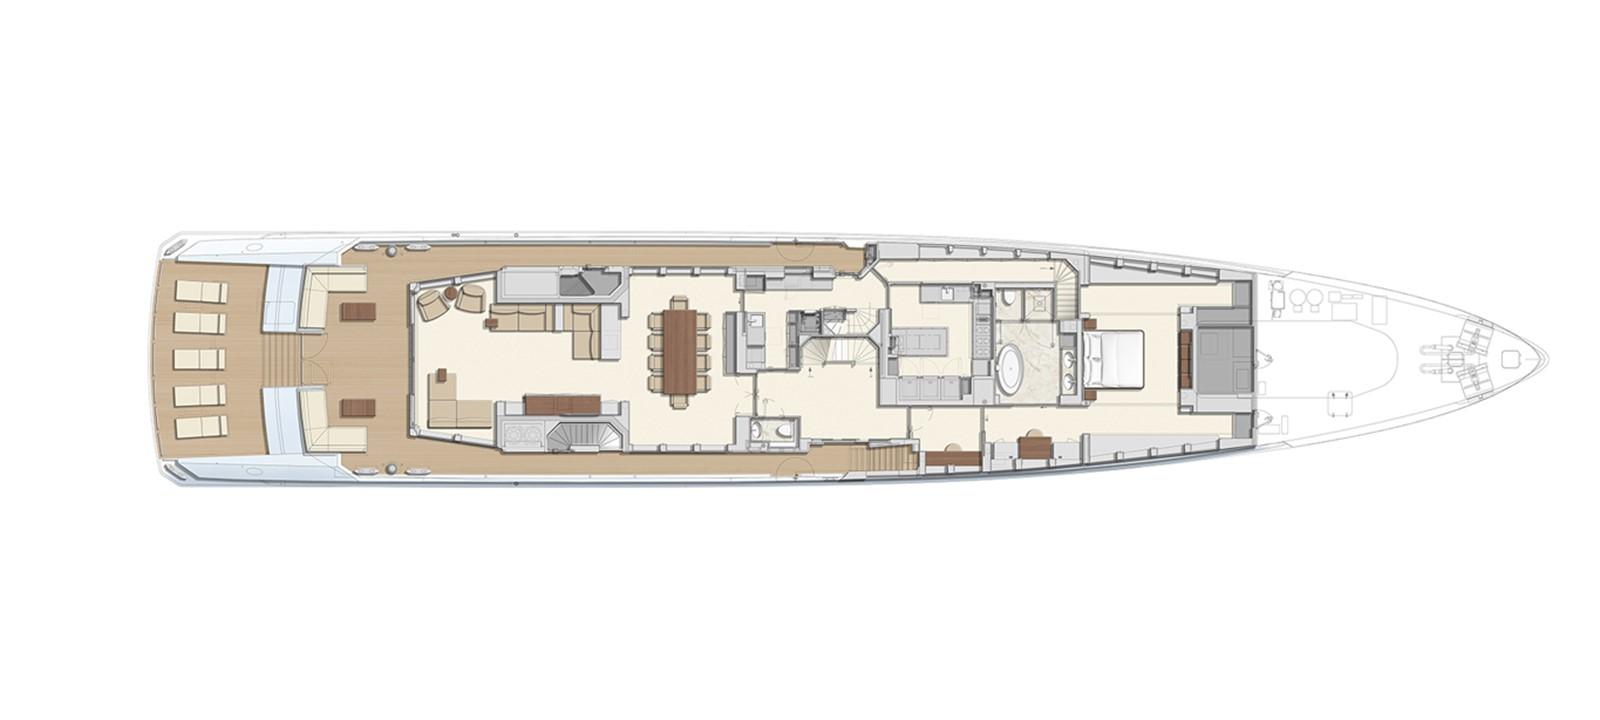 GA Main deck 2020 HEESEN YACHTS  Motor Yacht 2530878